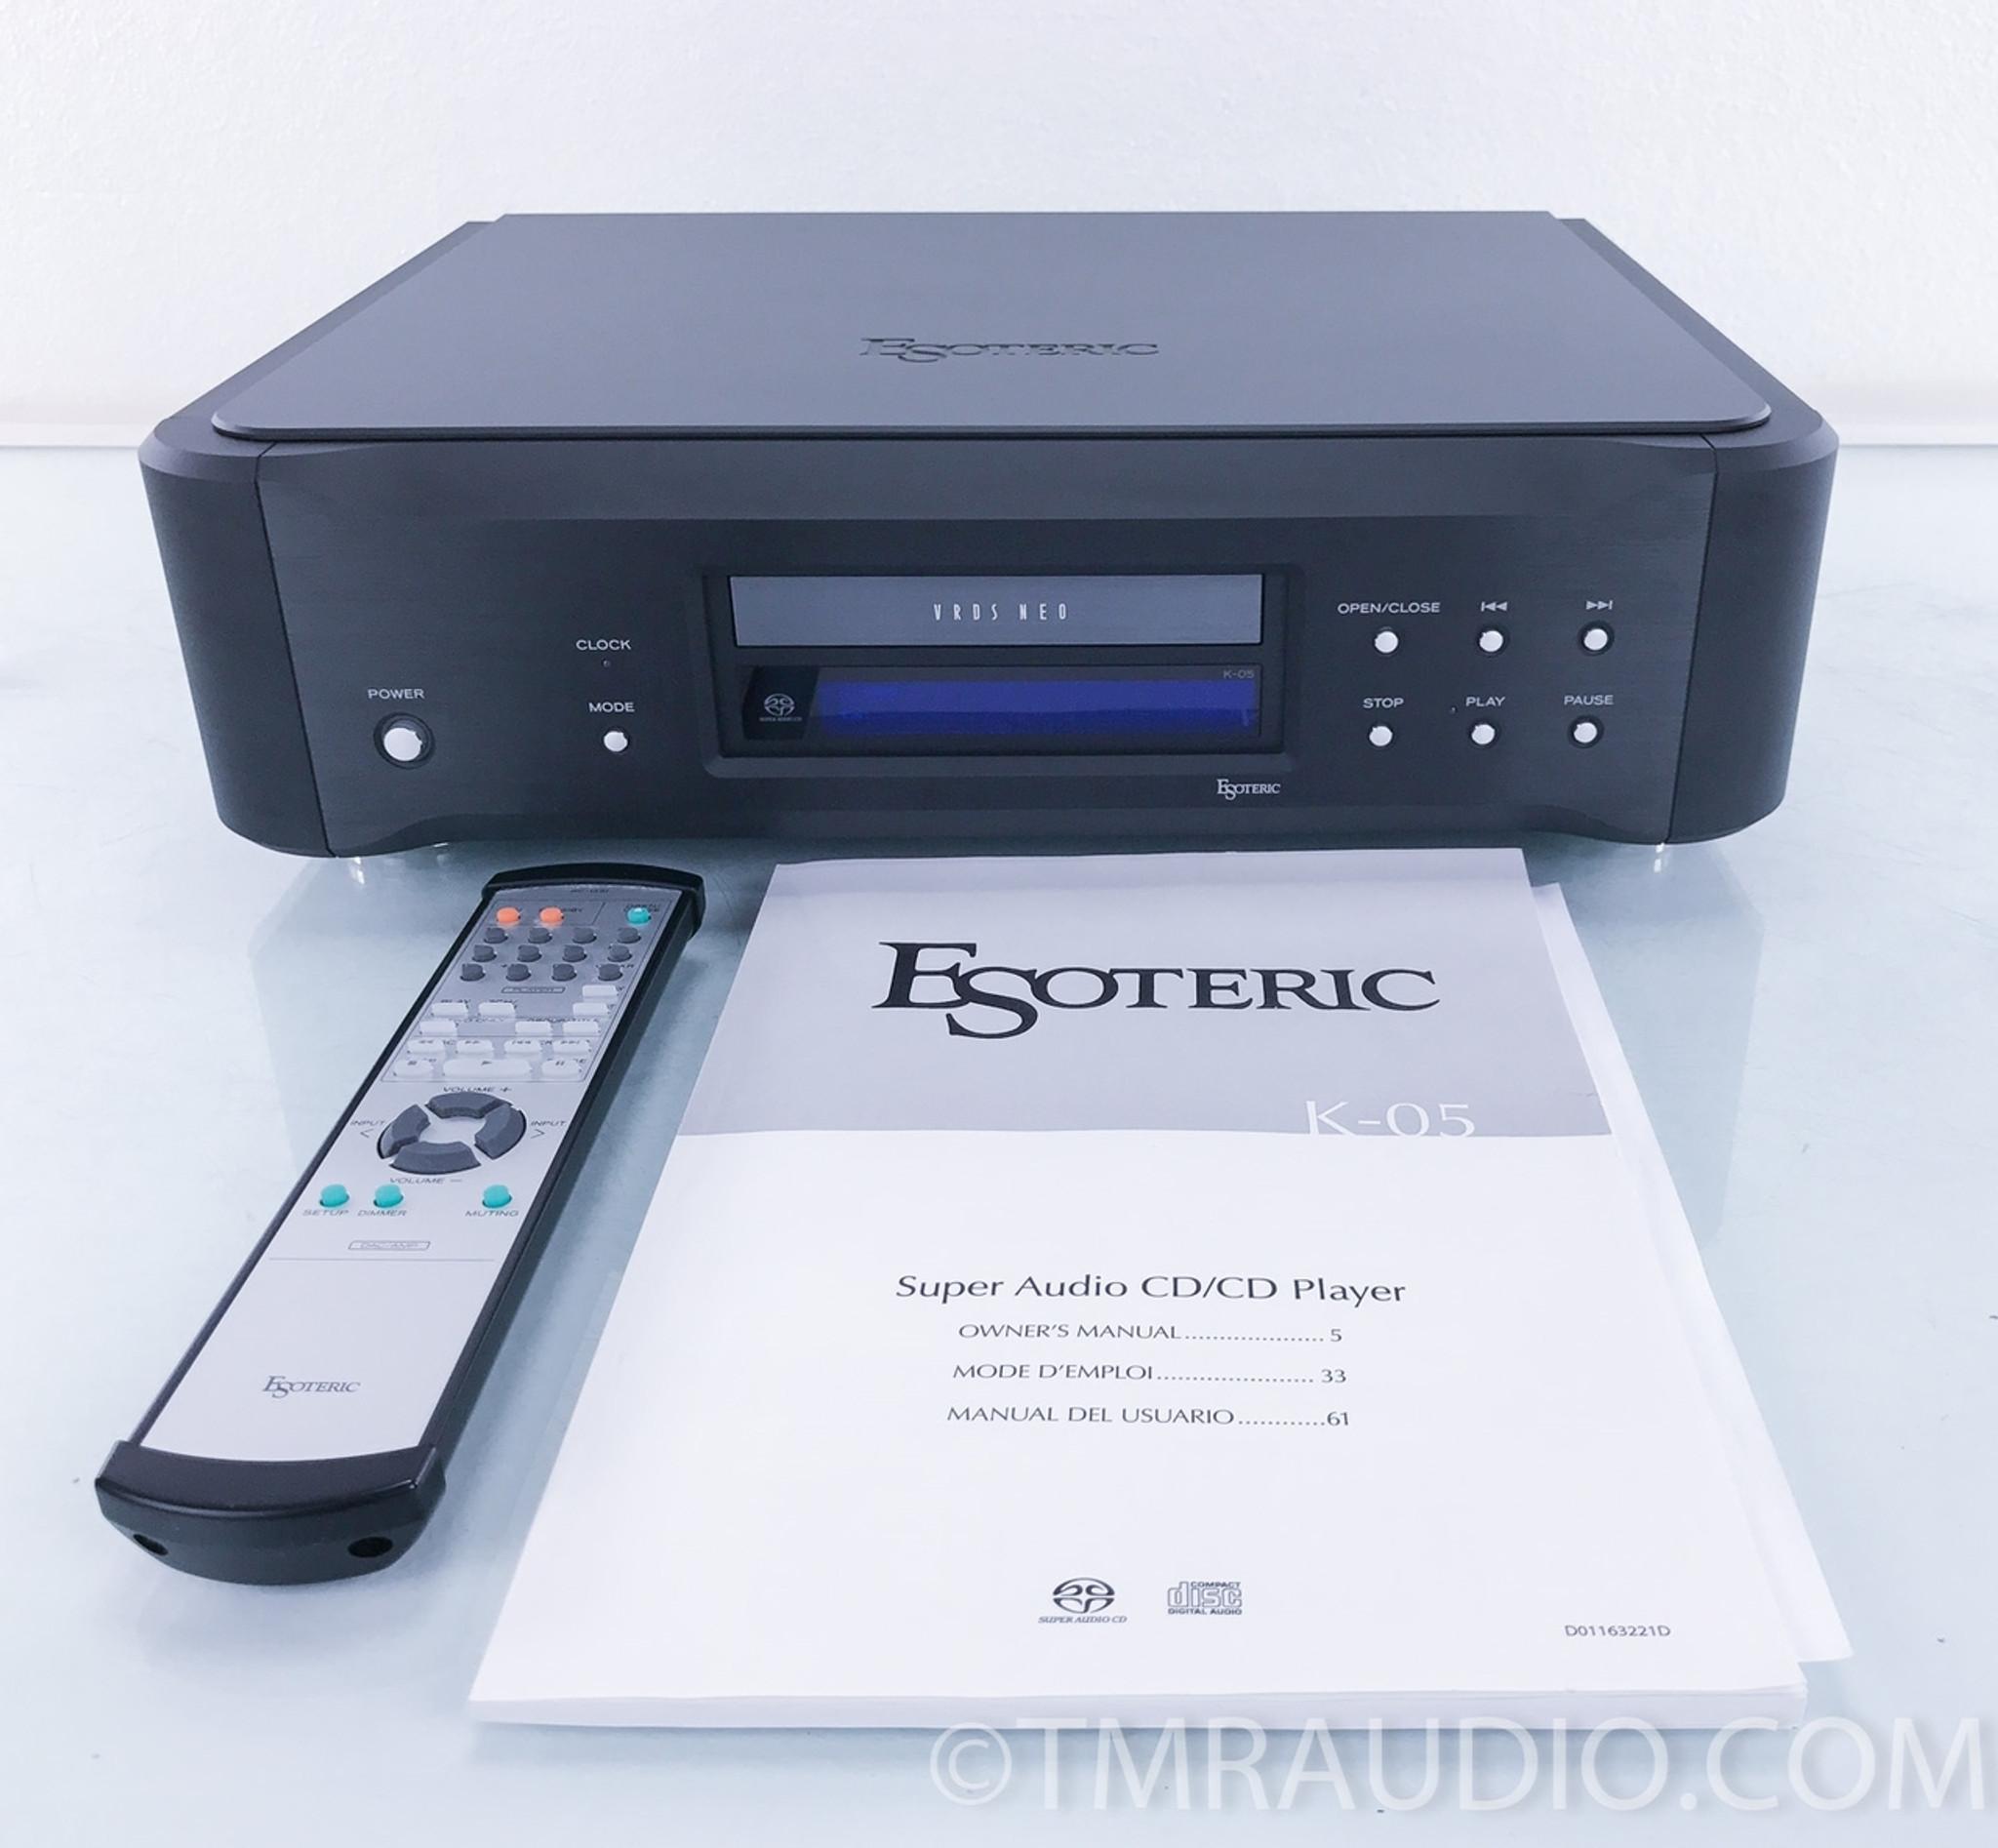 Esoteric K-05 SACD / CD Player